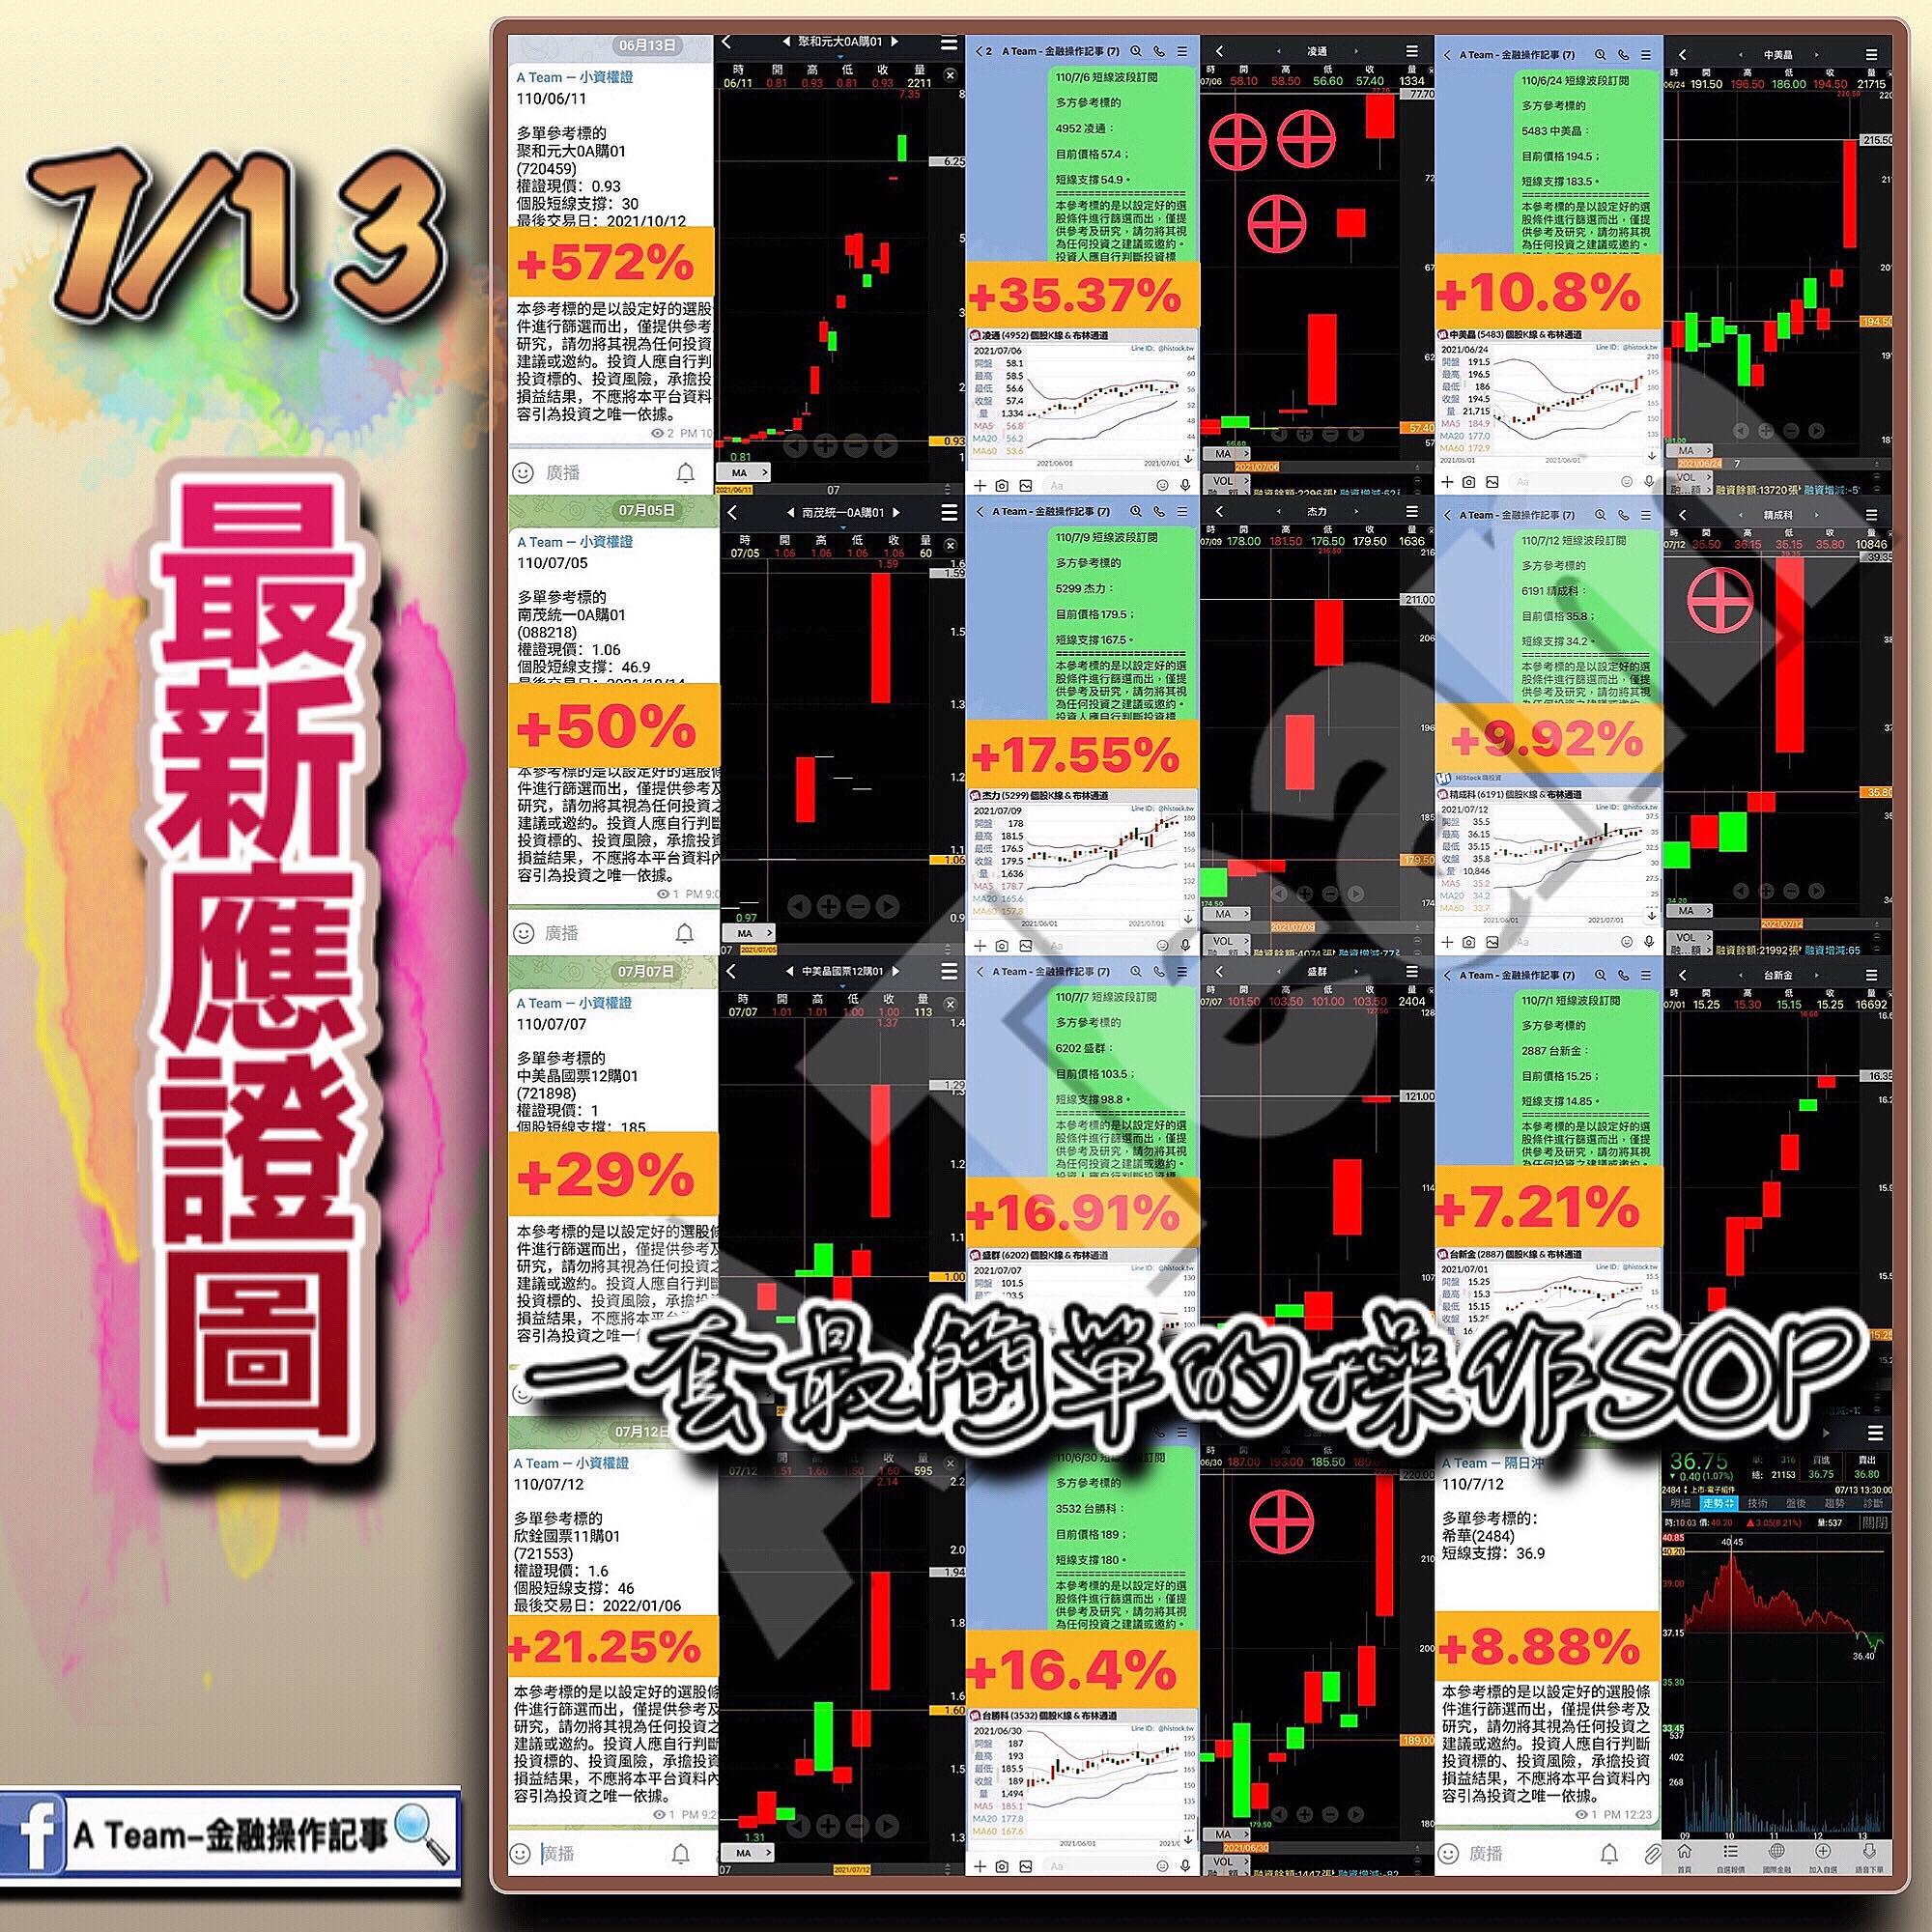 A Team金融操作記事 - 7/13最新應證圖